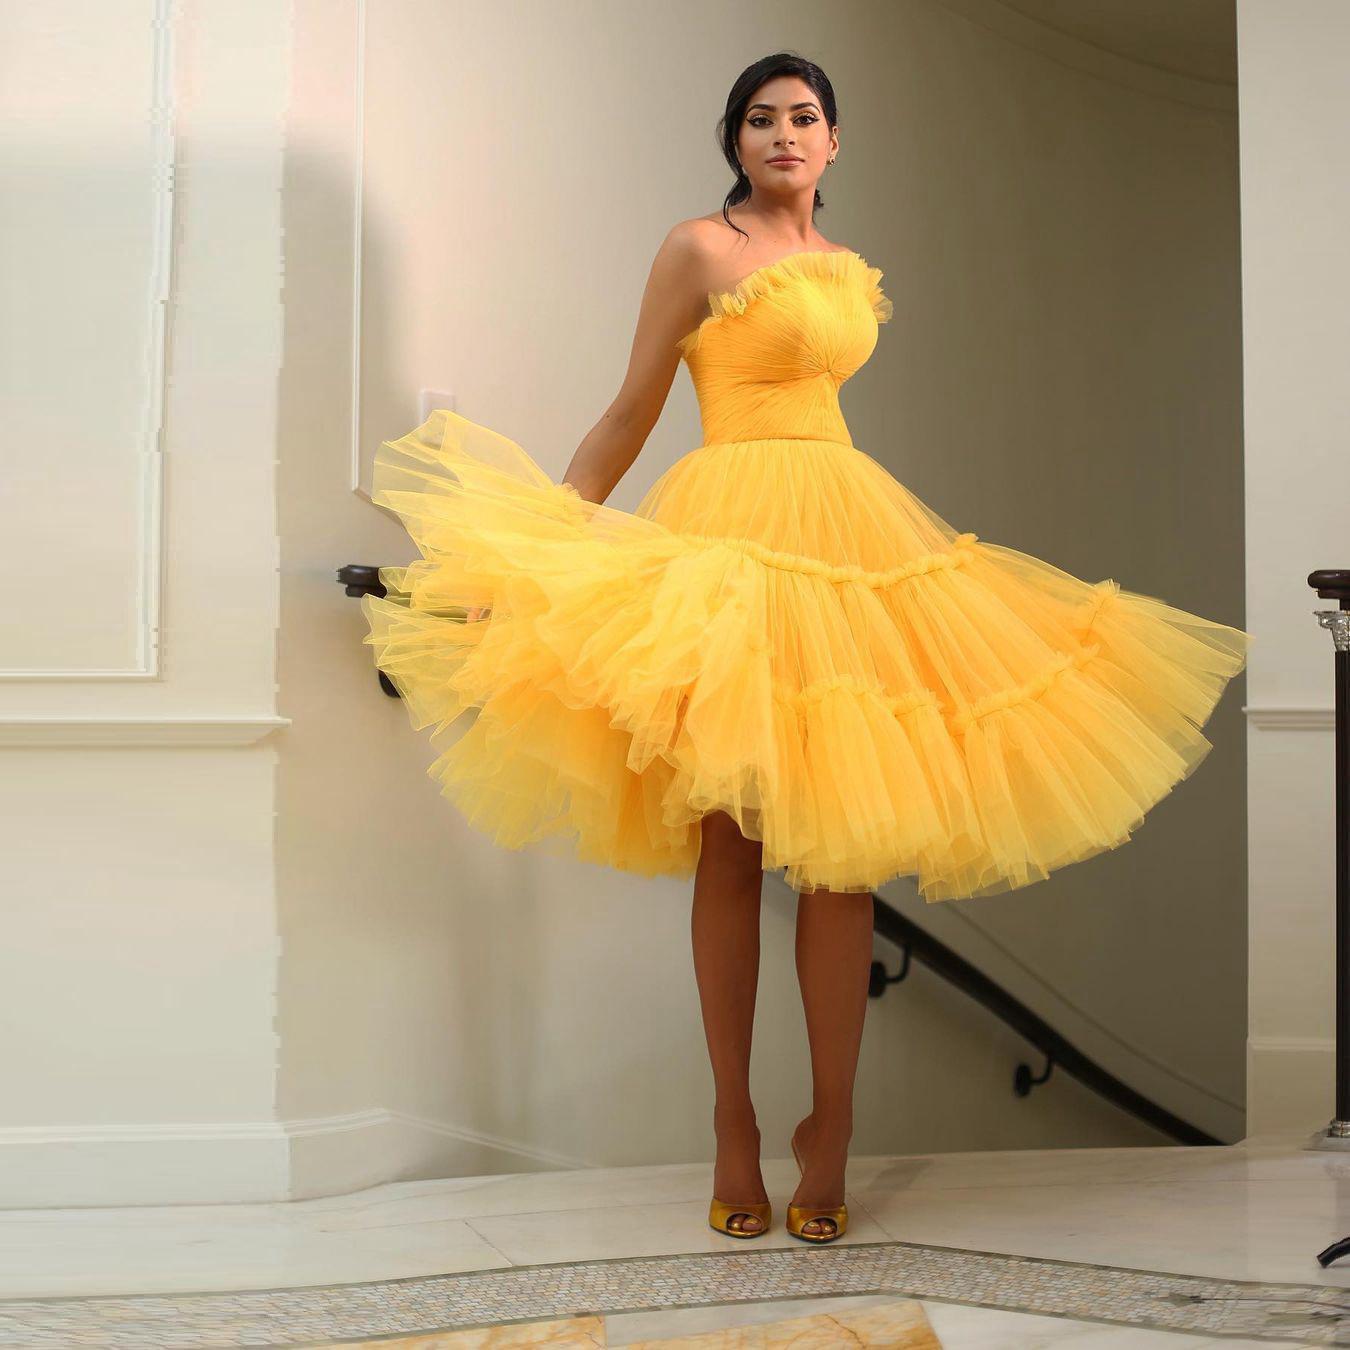 Трапециевидные тюлевые короткие платья для выпускного вечера без бретелек на молнии сзади для встречи выпускников вечерние платья длиной ...